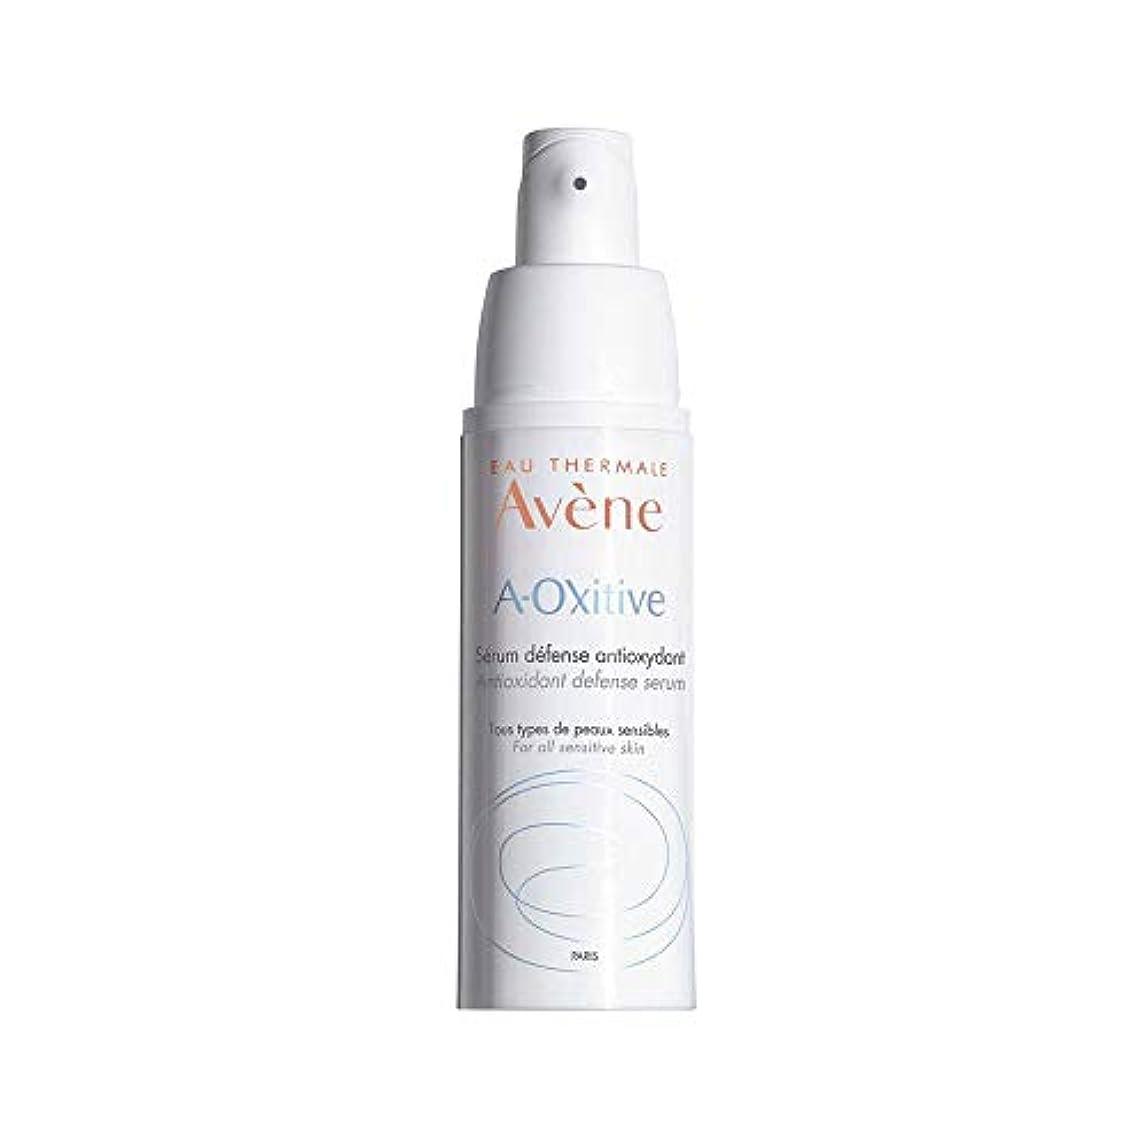 満員走る車アベンヌ A-OXitive Antioxidant Defense Serum - For All Sensitive Skin 30ml/1oz並行輸入品